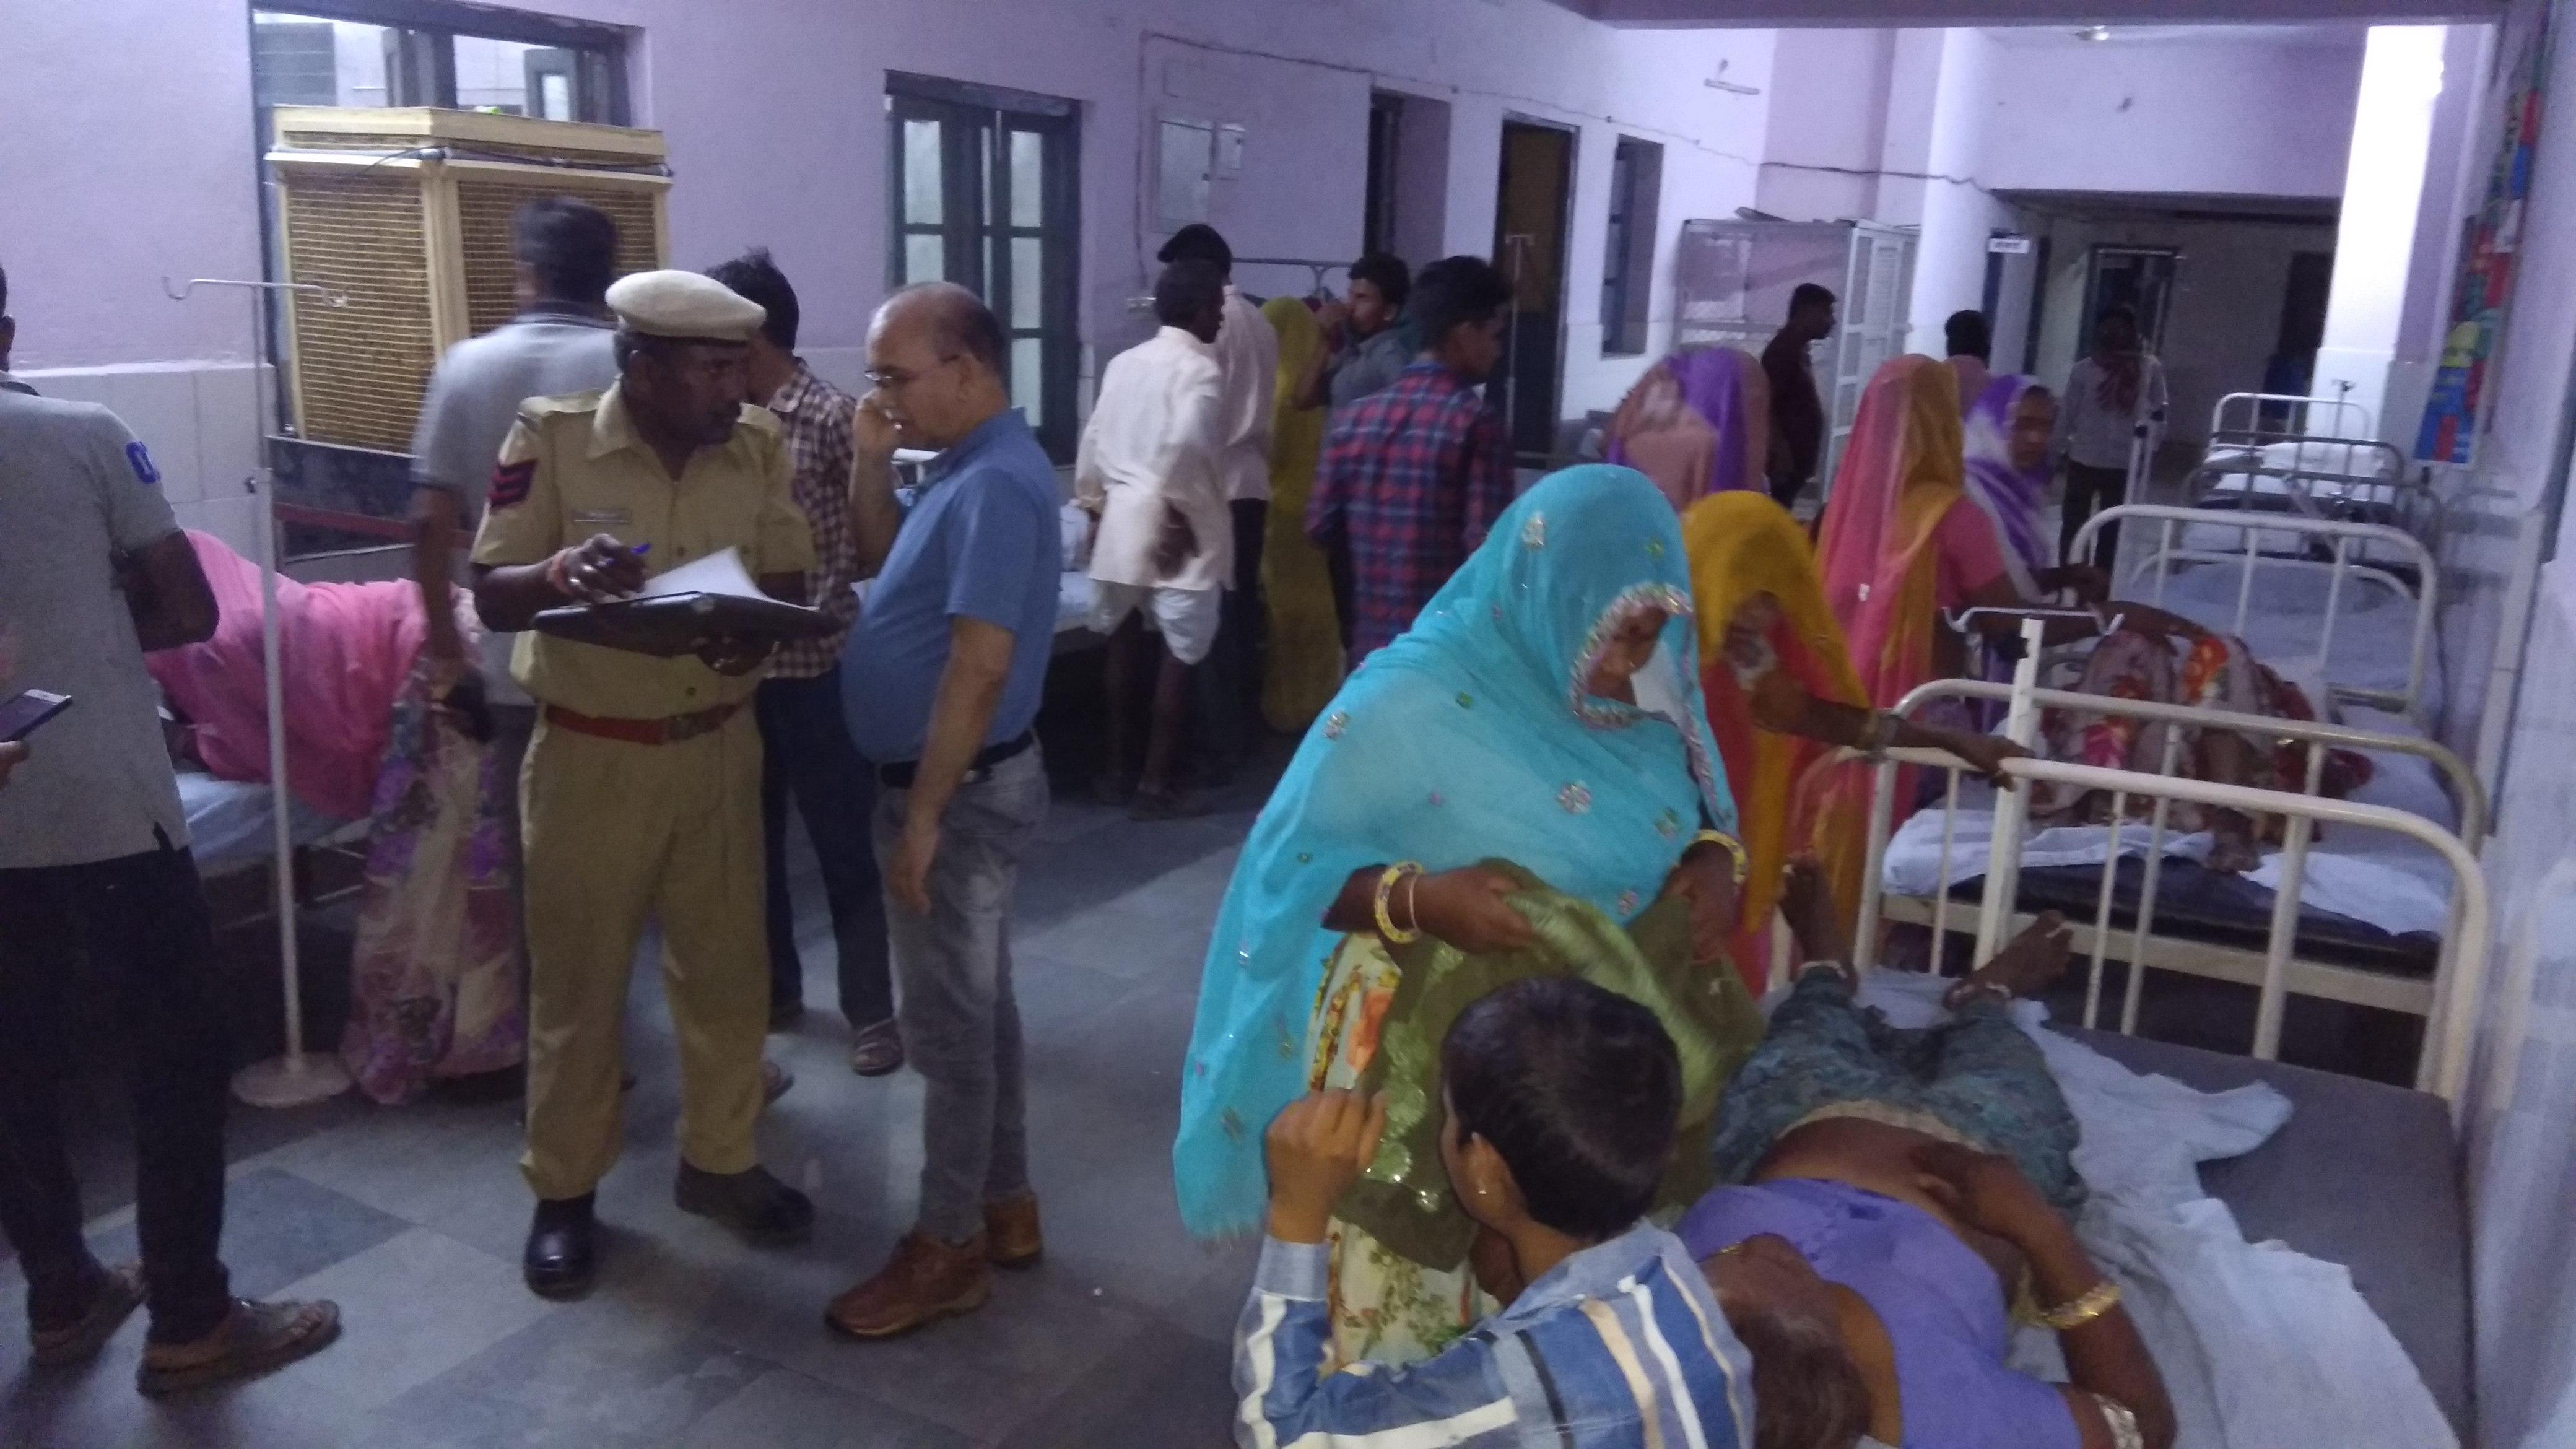 VIDEO : वैन कुएं में गिरी, मासूम सहित 6 जने सवार थे, परिवार शादी समारोह से घर लौट रहा था